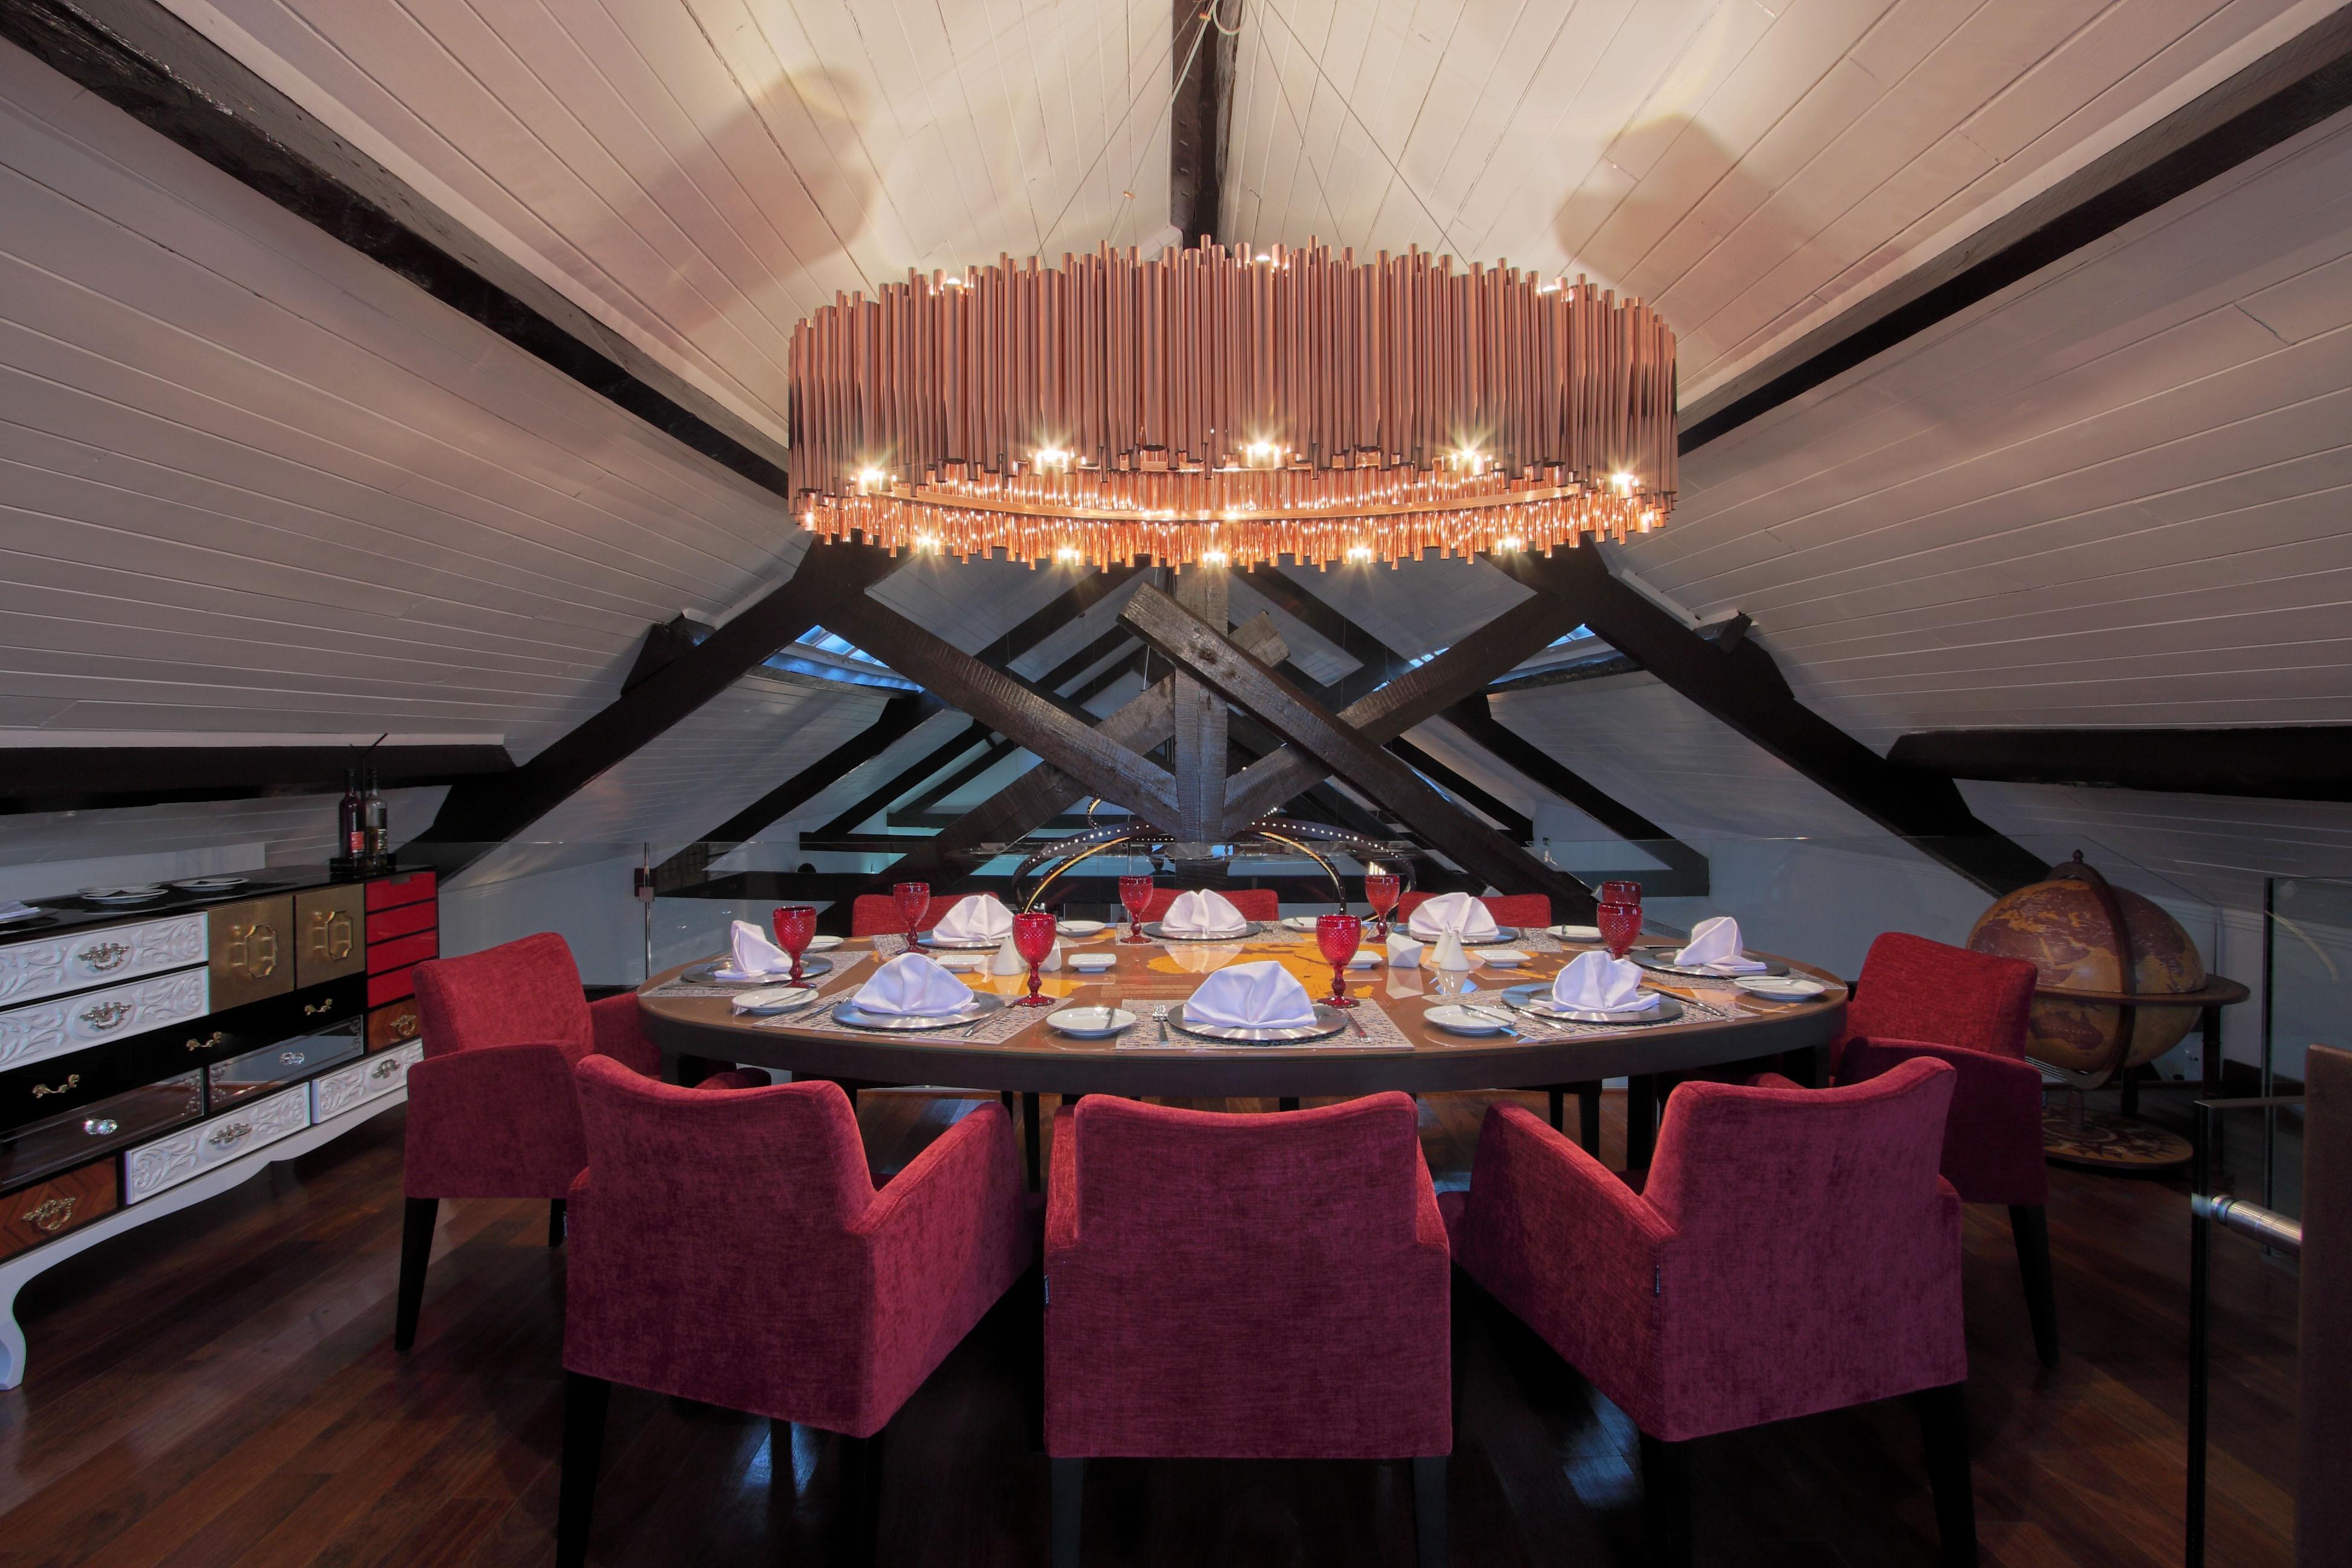 Best Restaurants in Central Portugal restaurants Best Restaurants in Central Portugal Restaurant Salpoente 2